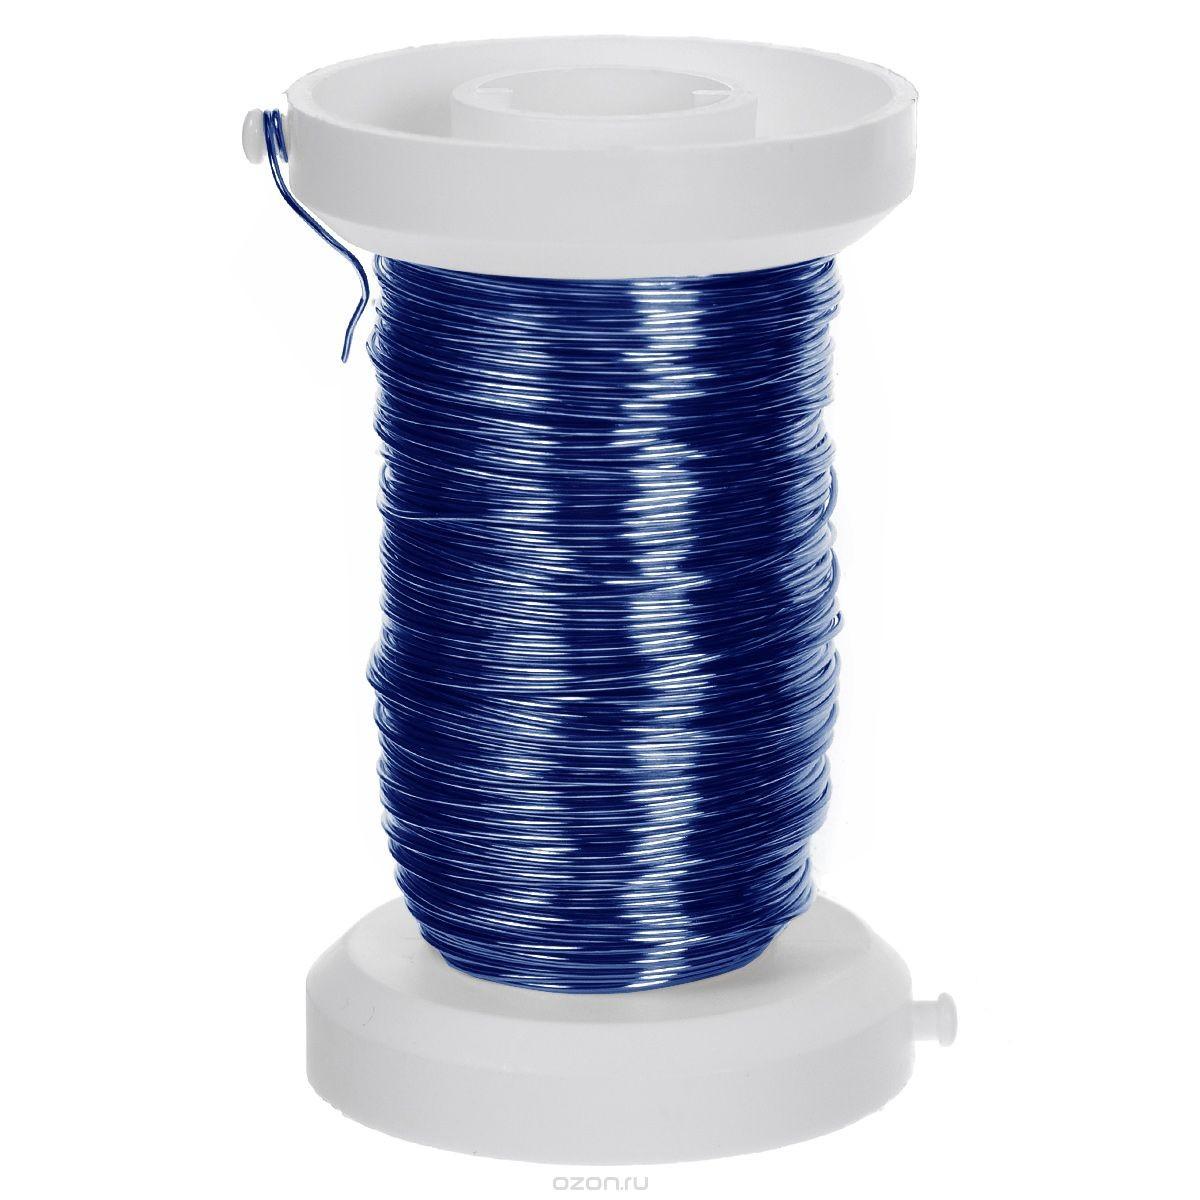 Декоративная проволока Glorex, цвет: синий, 0,25 мм х 40 м